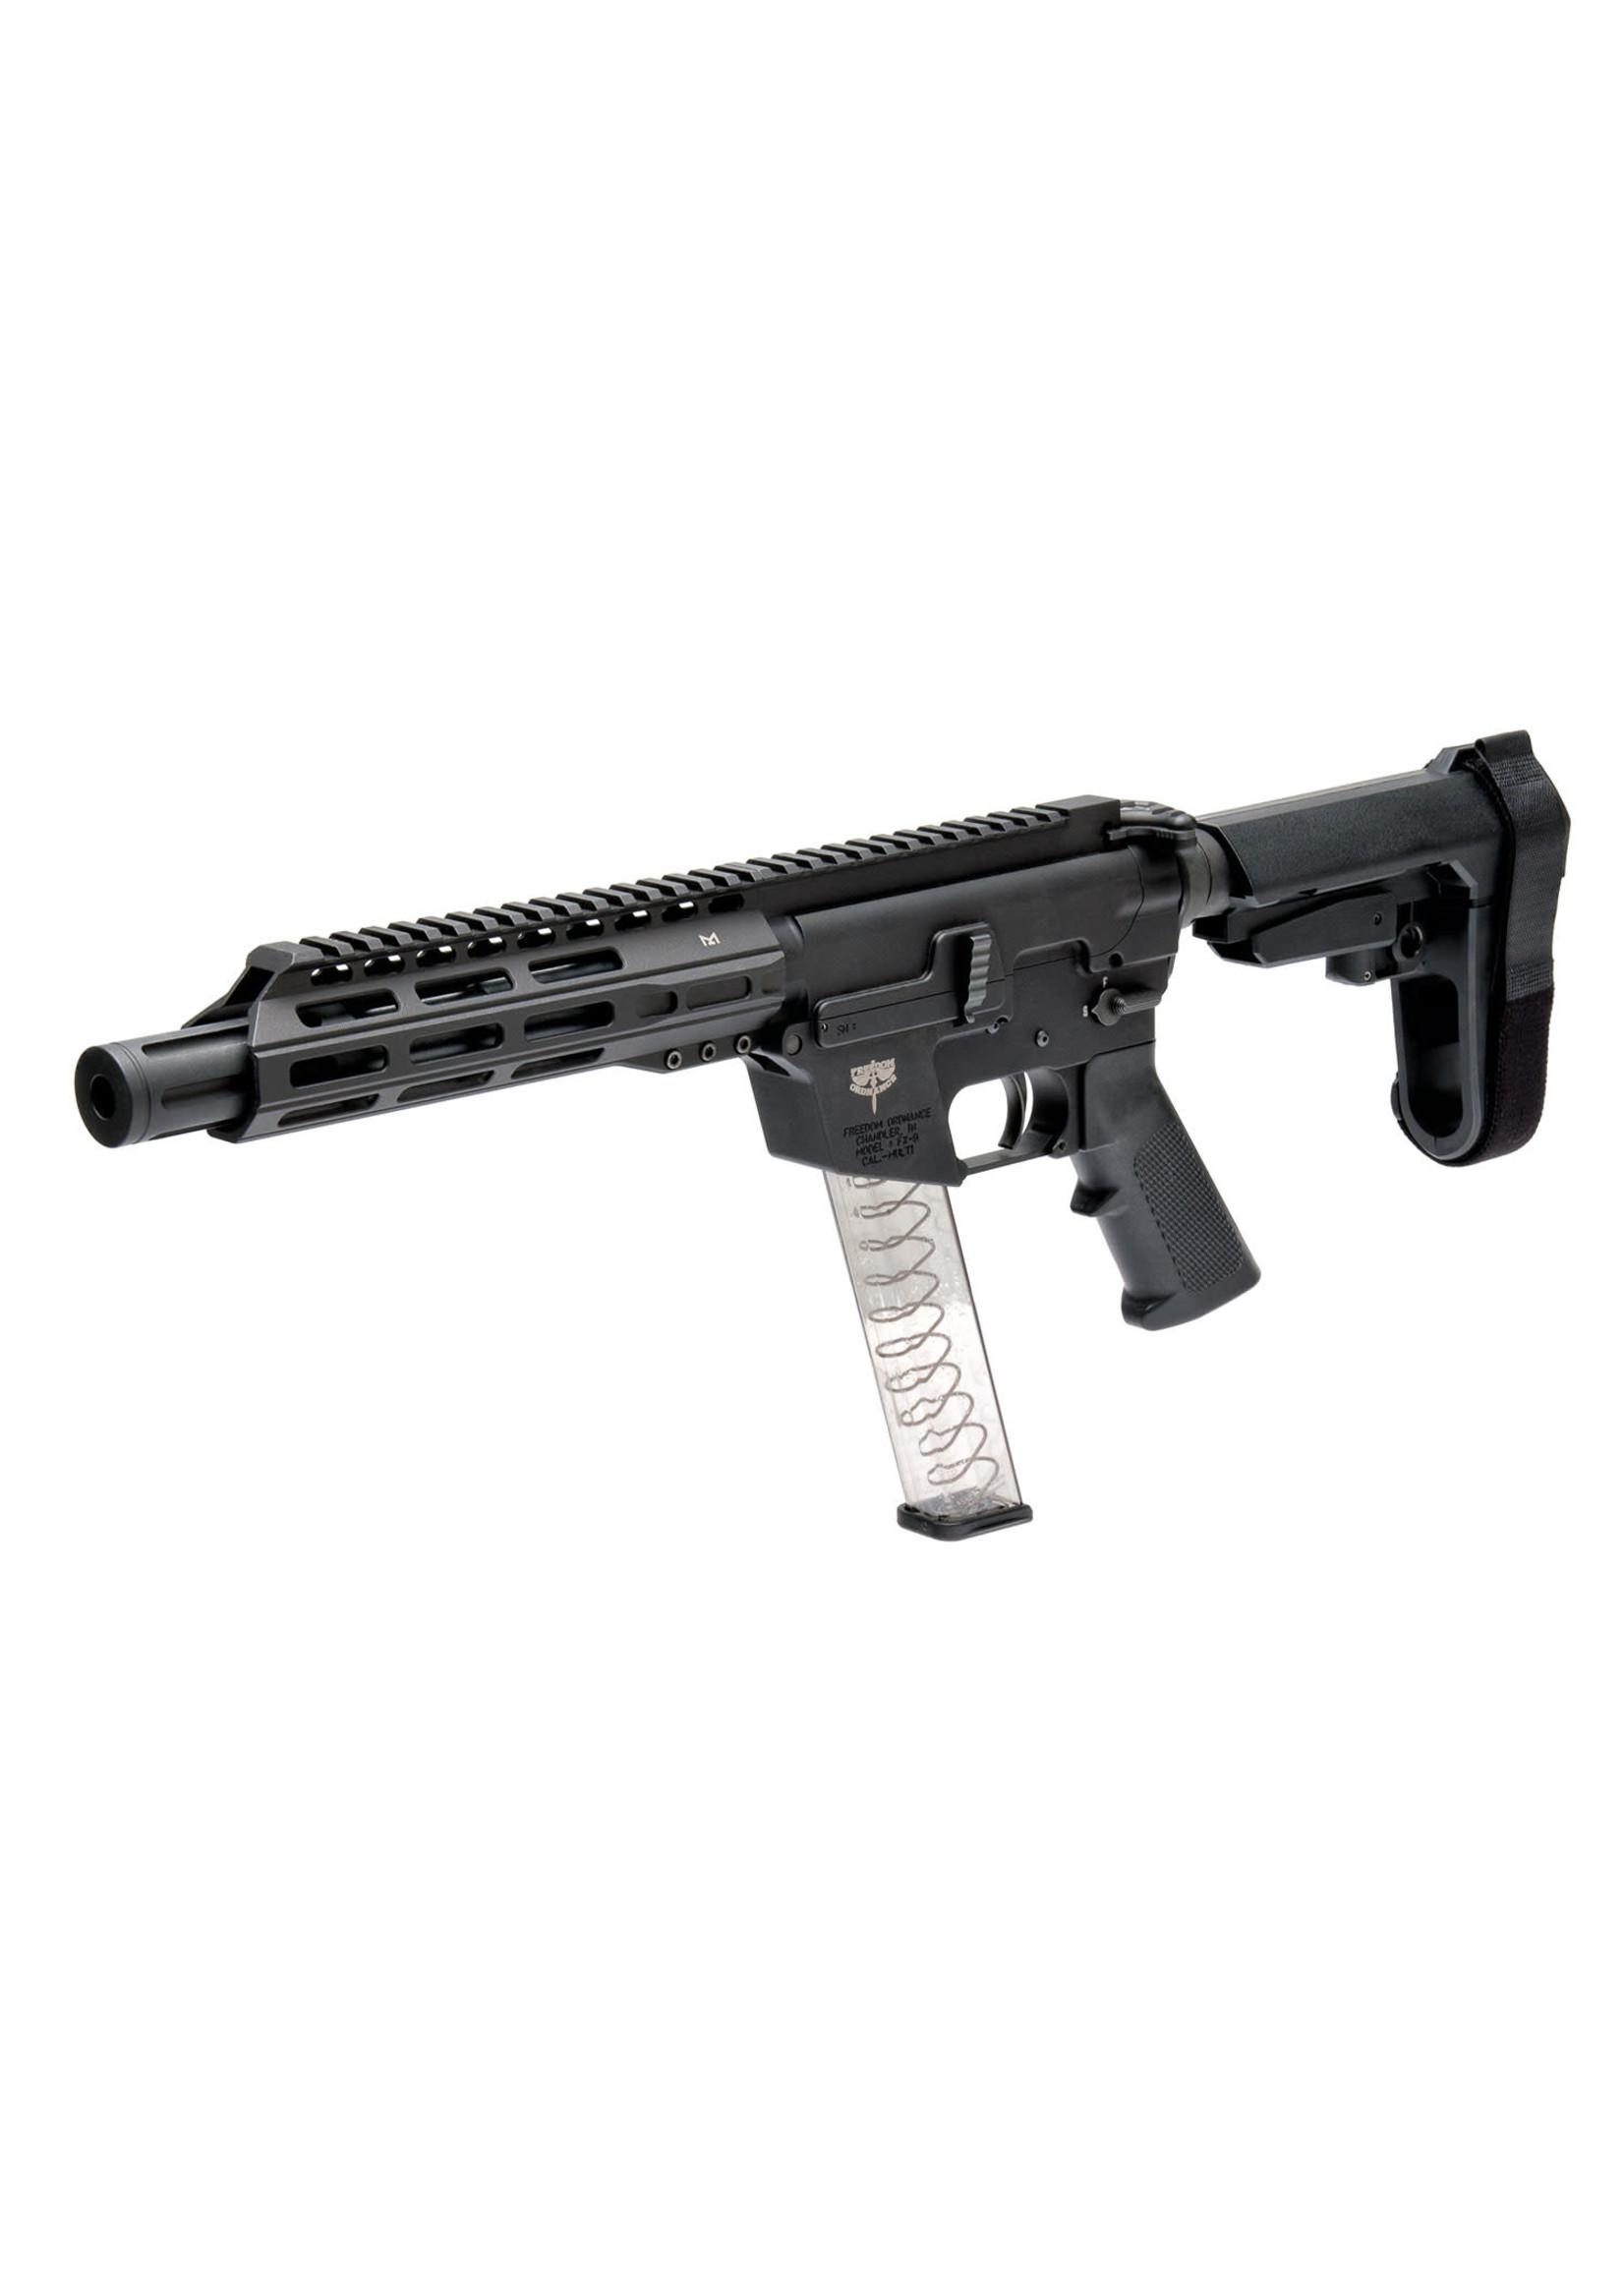 """Freedom Ordnance Freedom Ordnance FX-9P8S FX-9P8S 9mm Luger 8"""" 31+1 Black Anodized Black Polymer SBA3 Pistol Brace"""